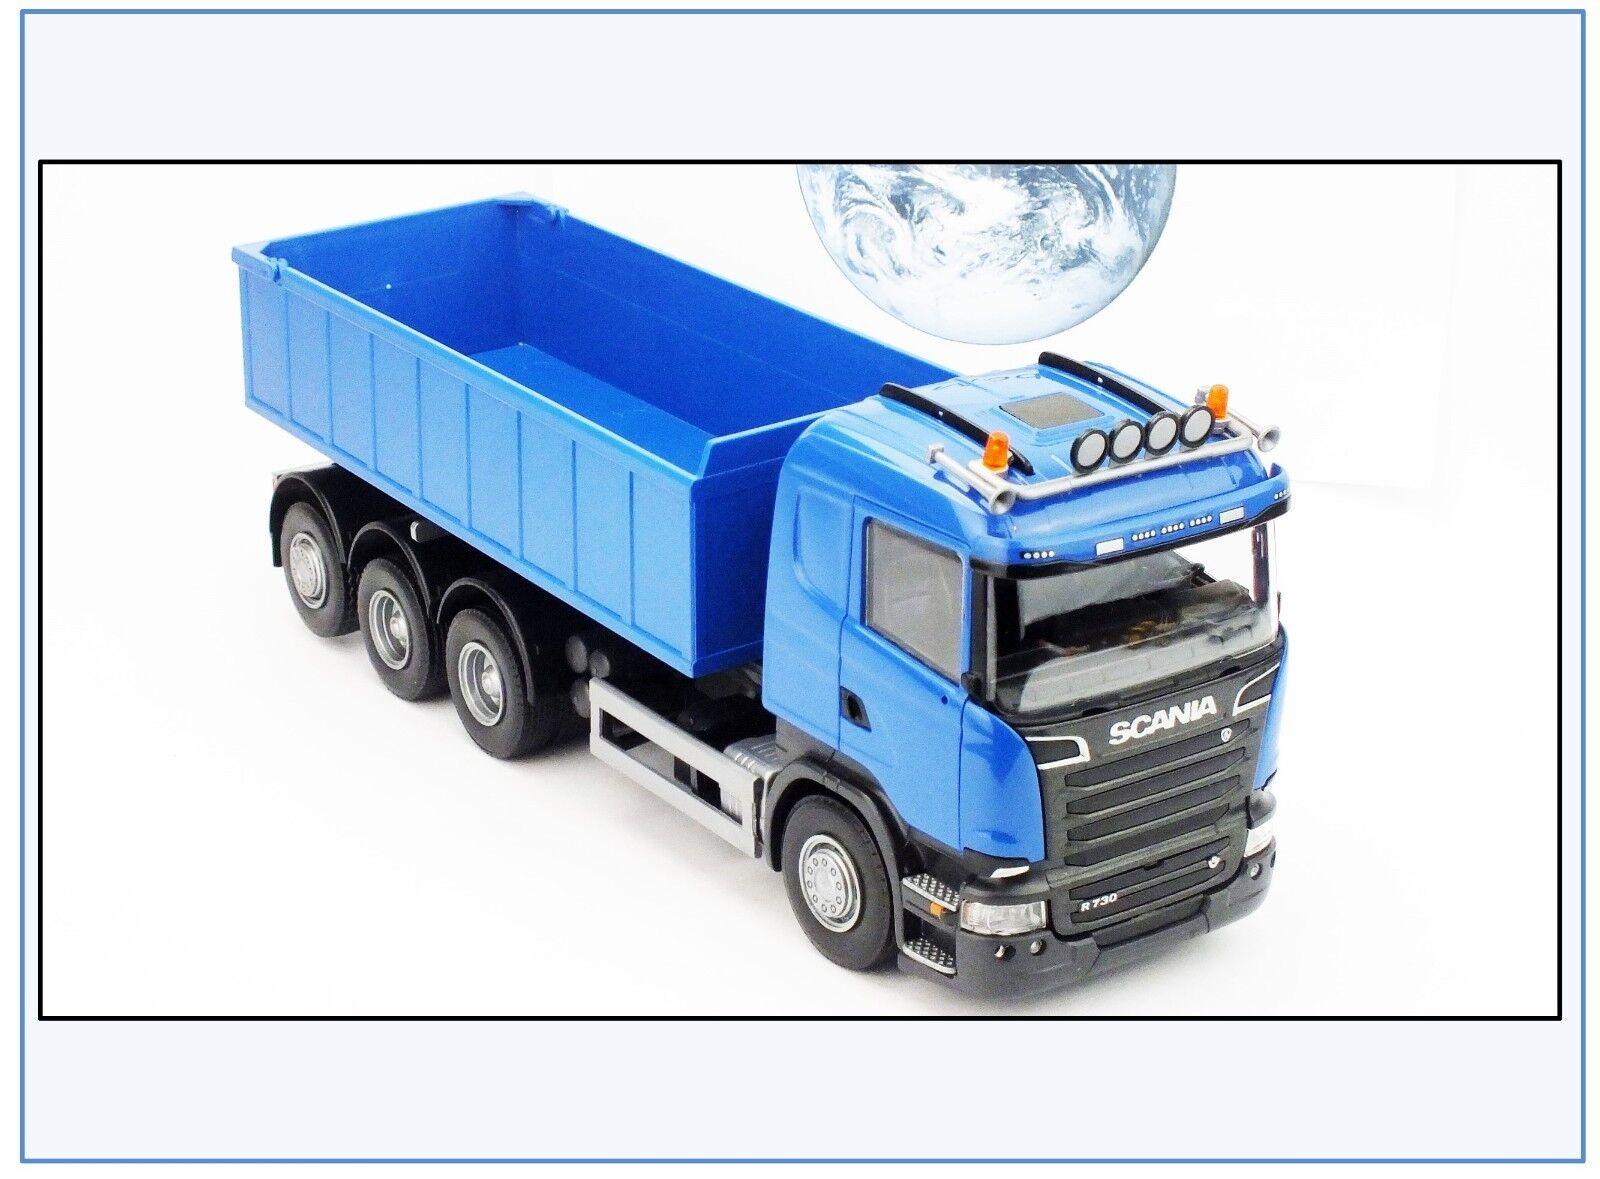 20714 Scania R730 4-Achser mit Abrollmulde, niedrig, blue, EMEK 1 25, NEU&